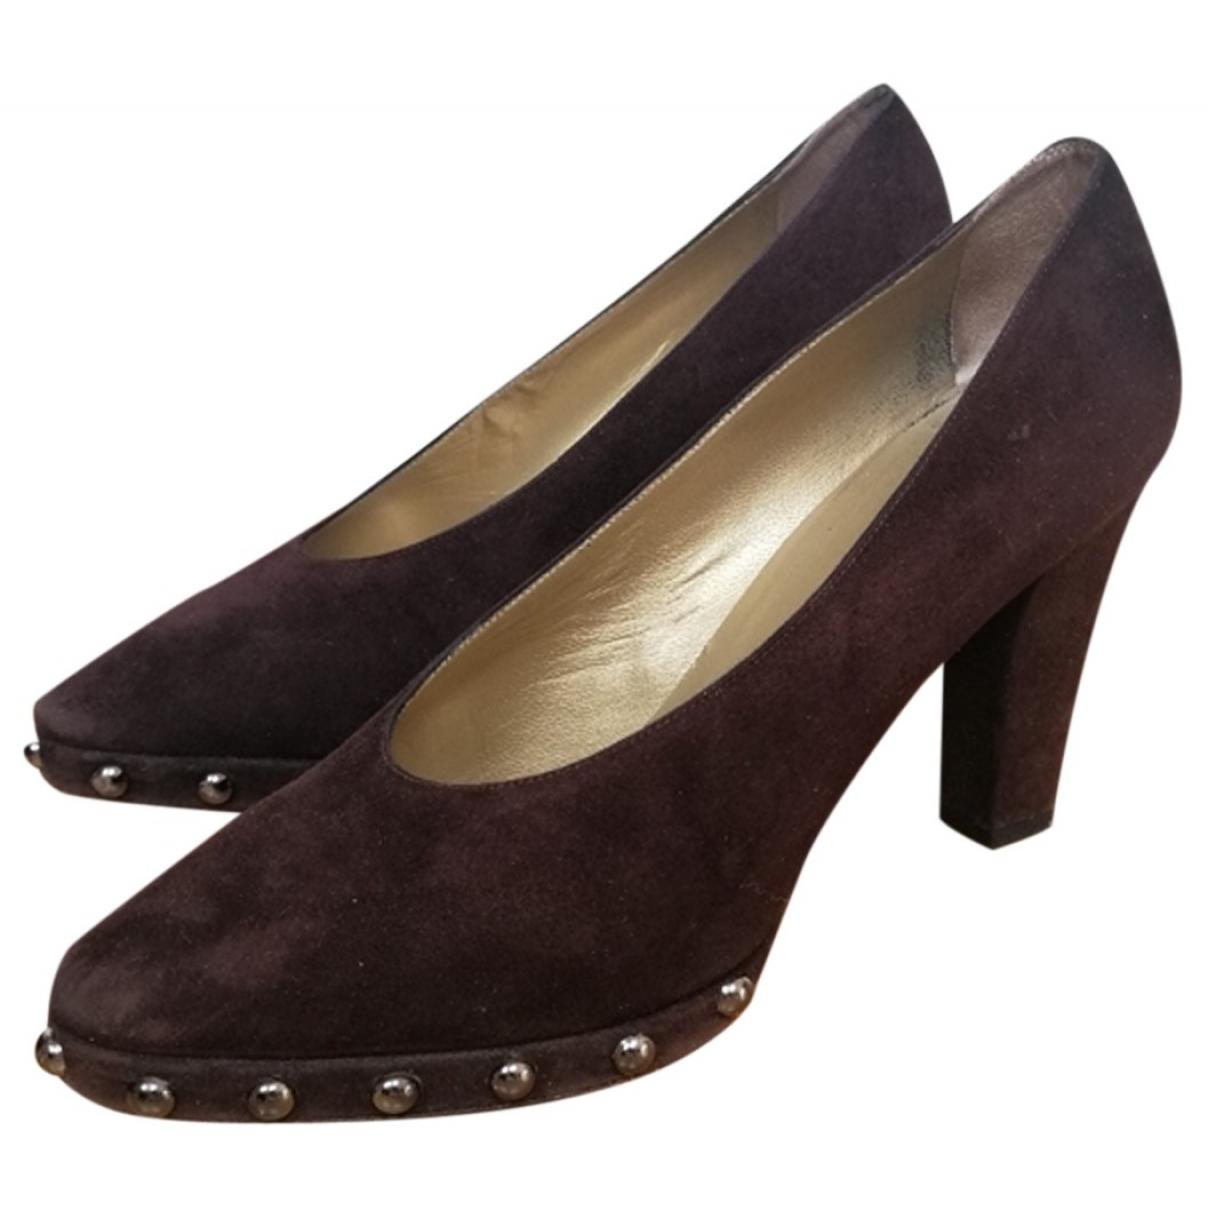 Yves Saint Laurent \N Brown Suede Heels for Women 8 US